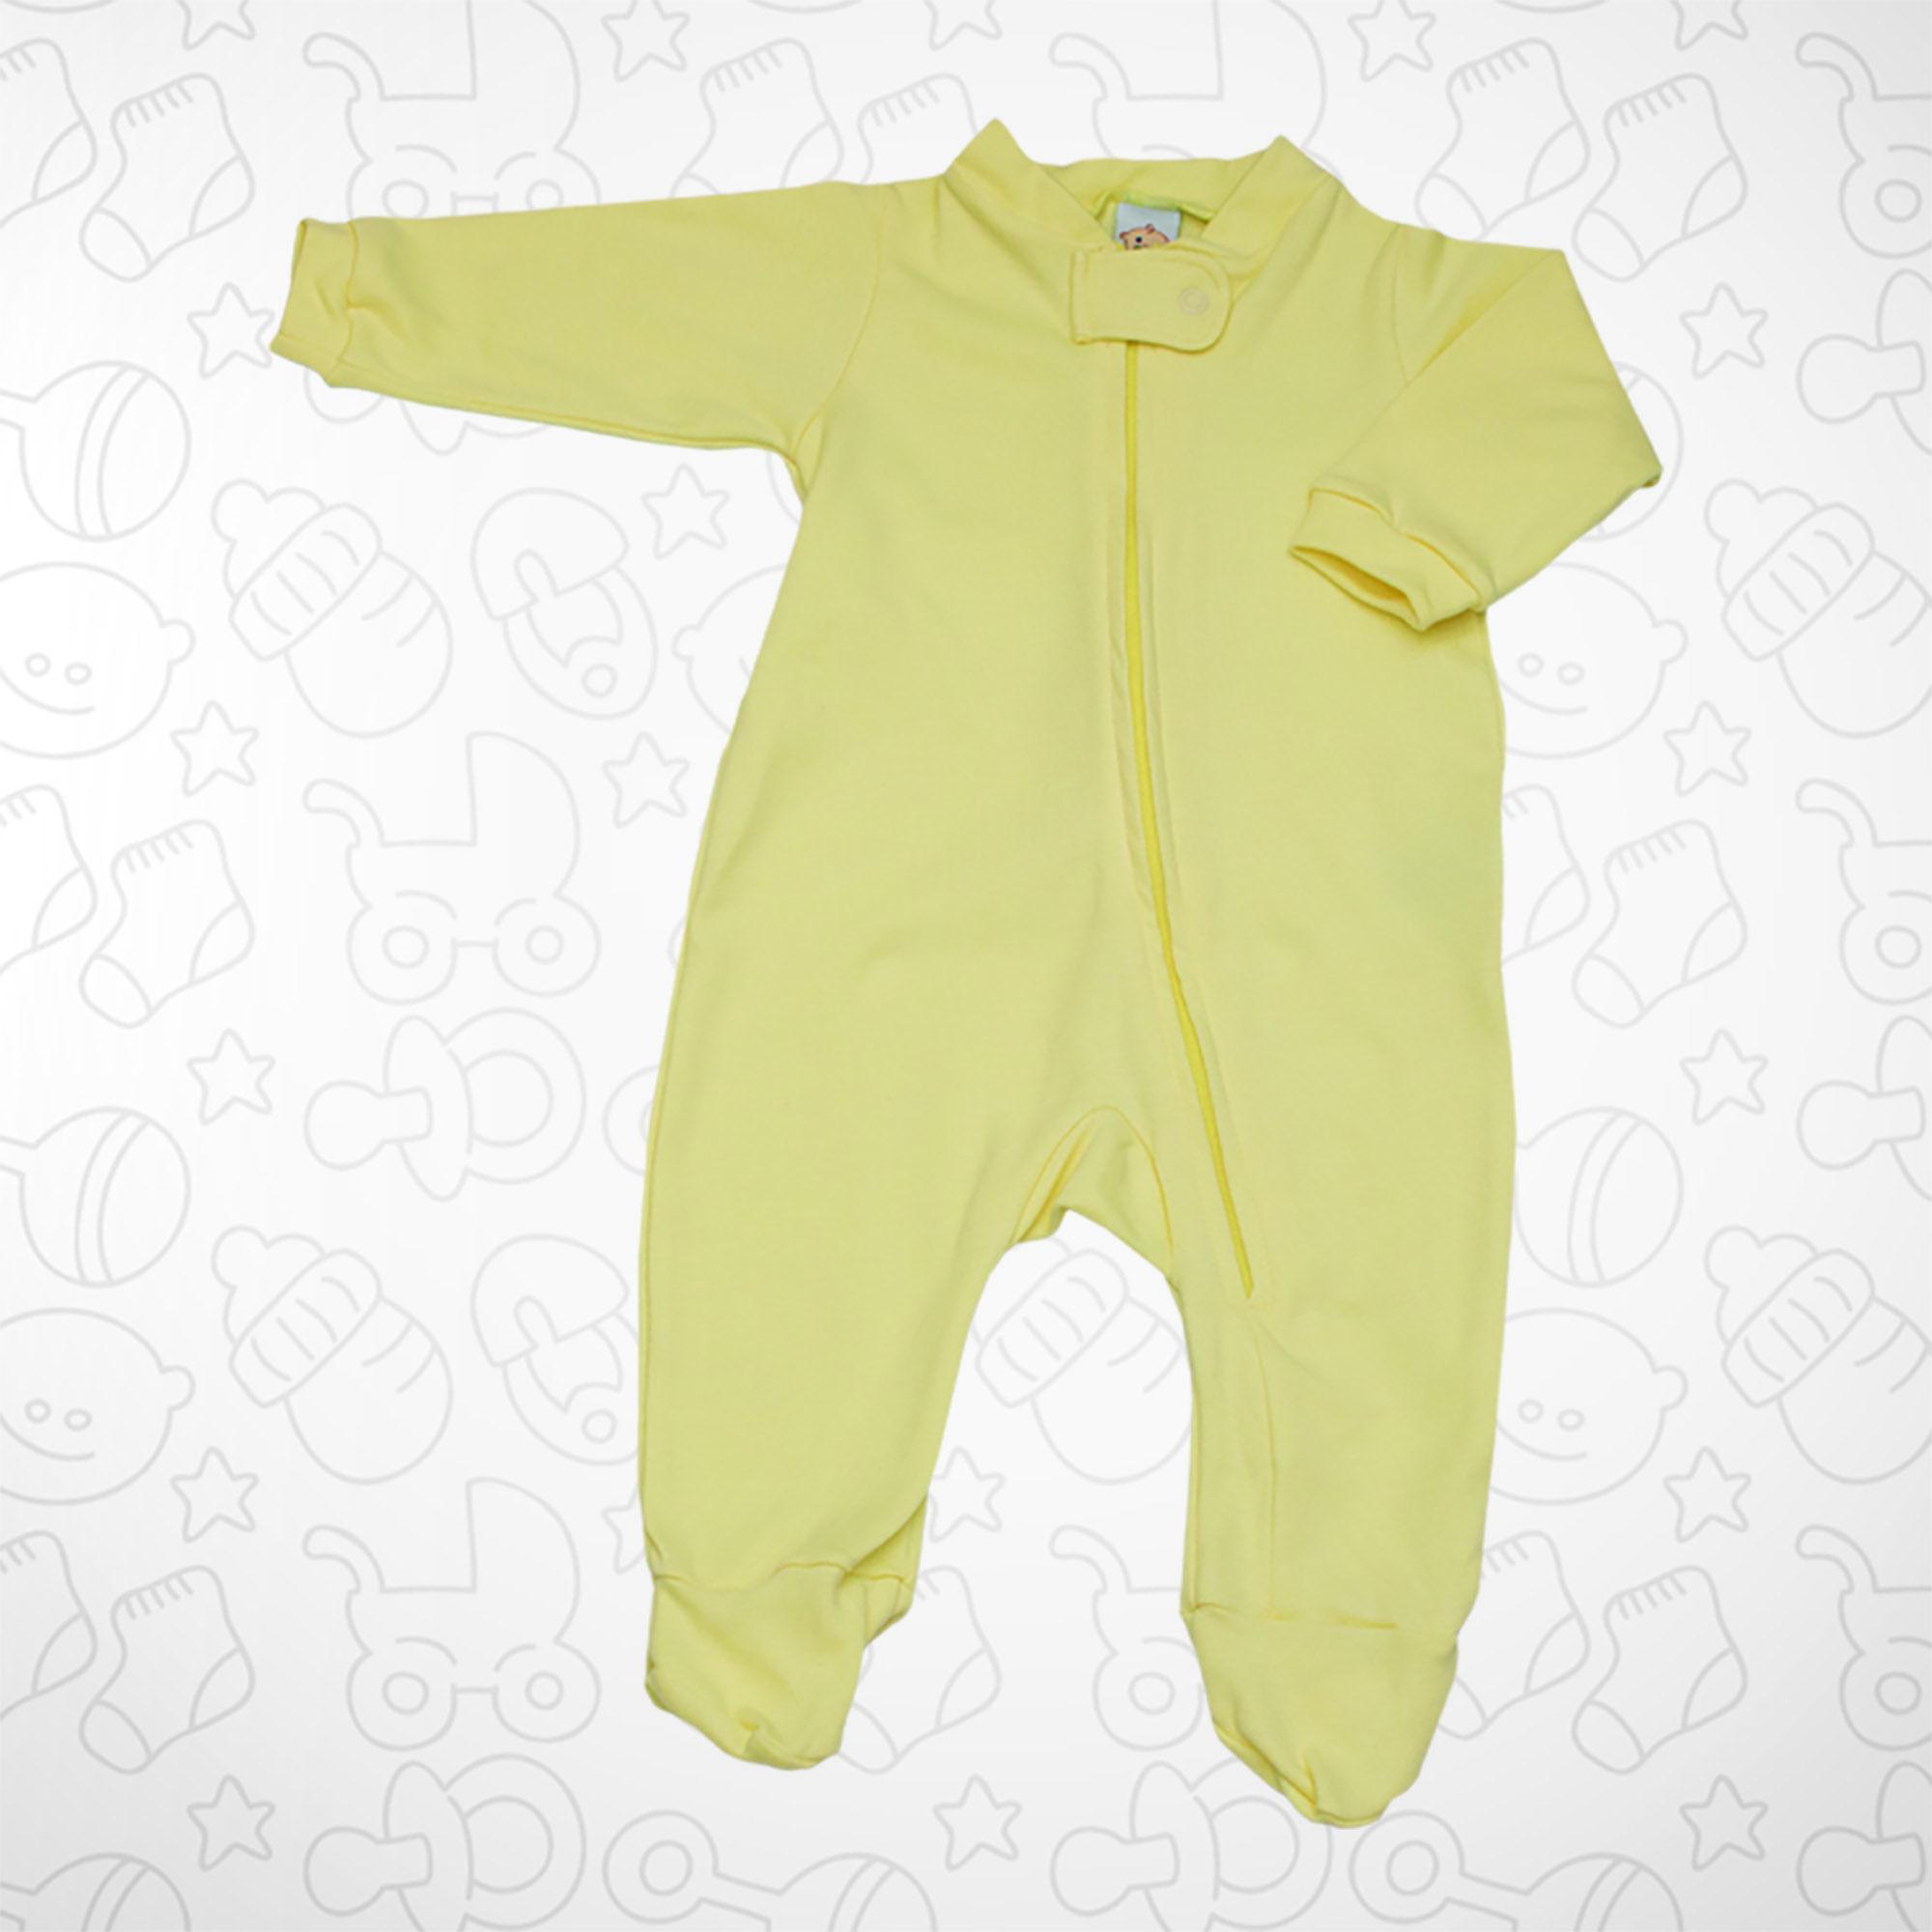 Macacão Amarelo com Zipper